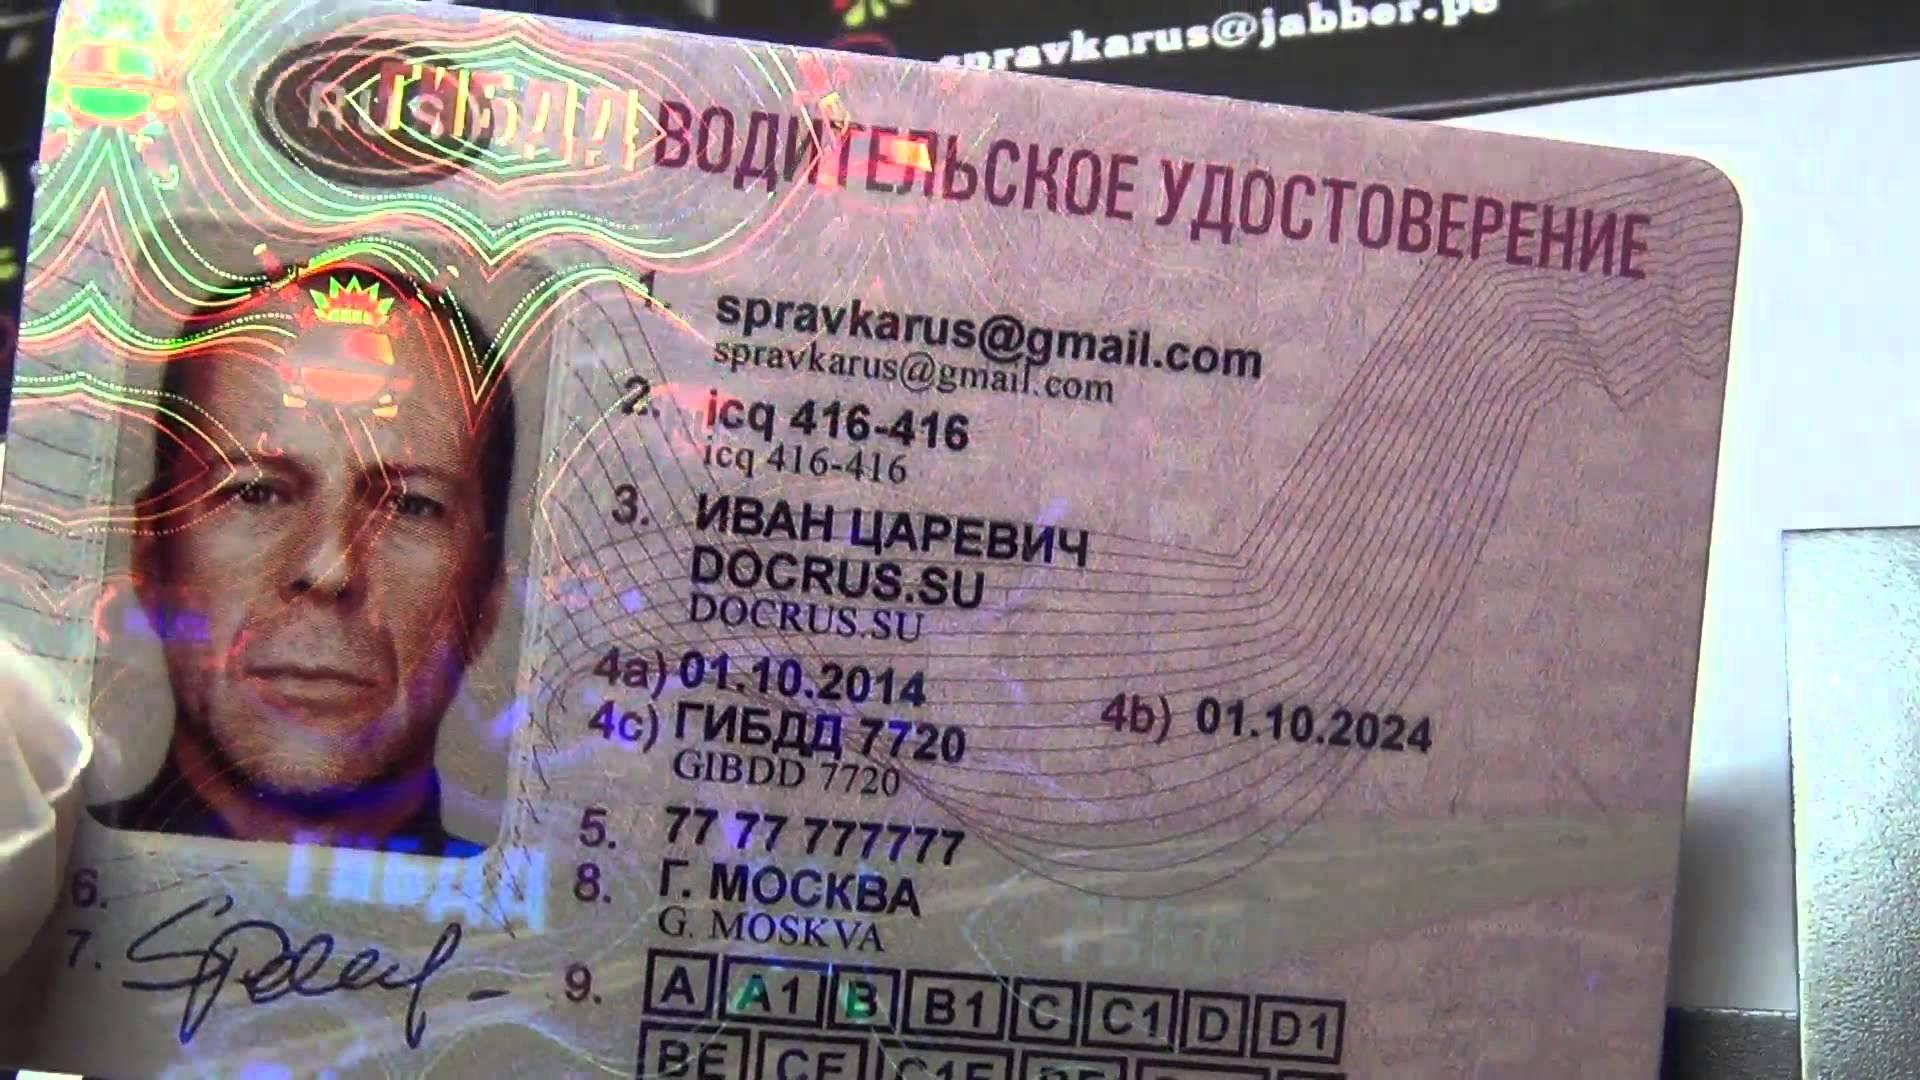 Как сделать водительское удостоверение фото 629